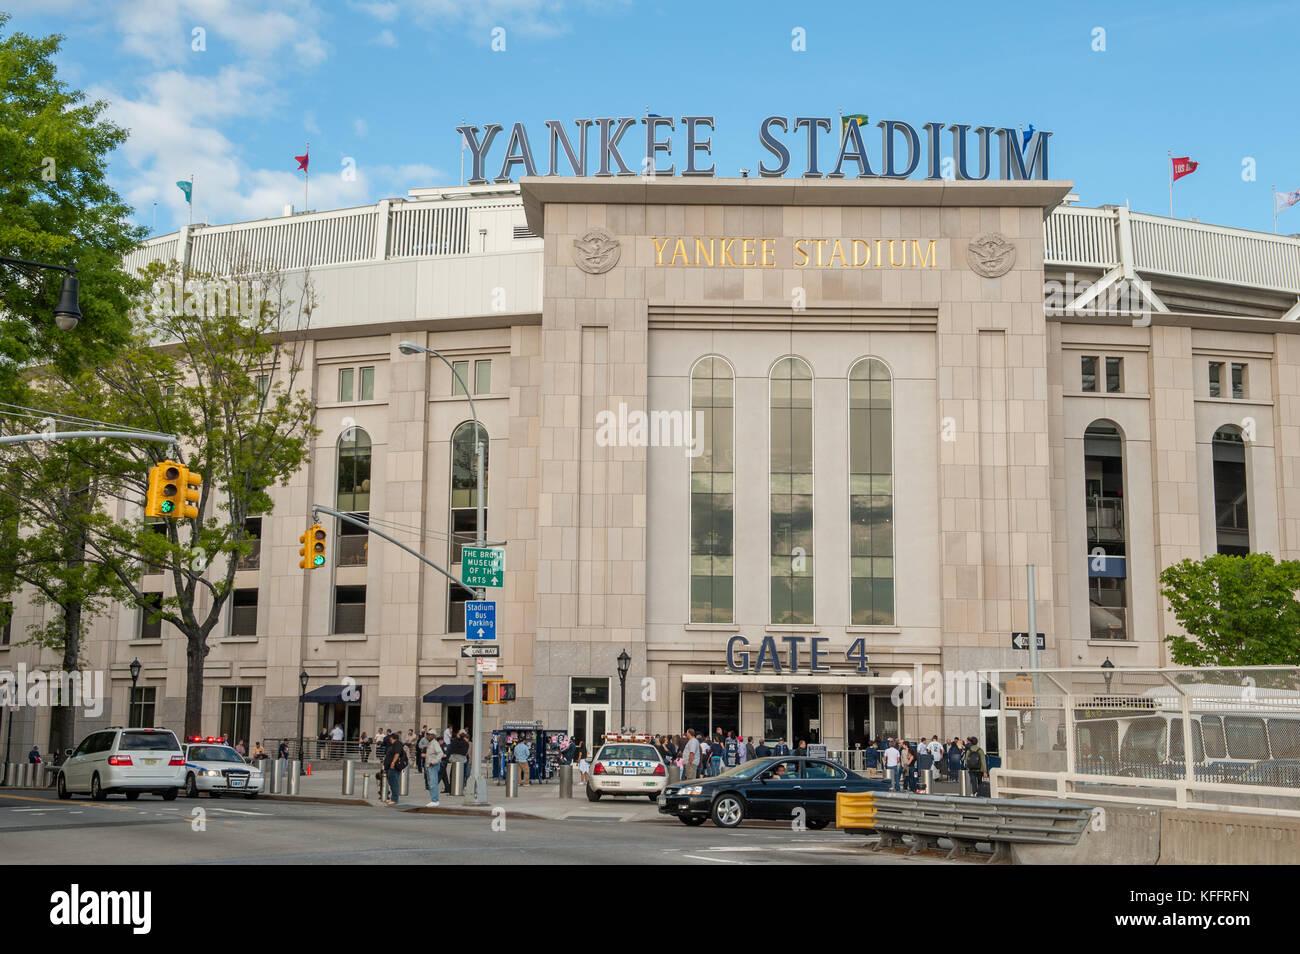 Madison Square Garden: New York Yankee Stadium Stock Photos & New York Yankee